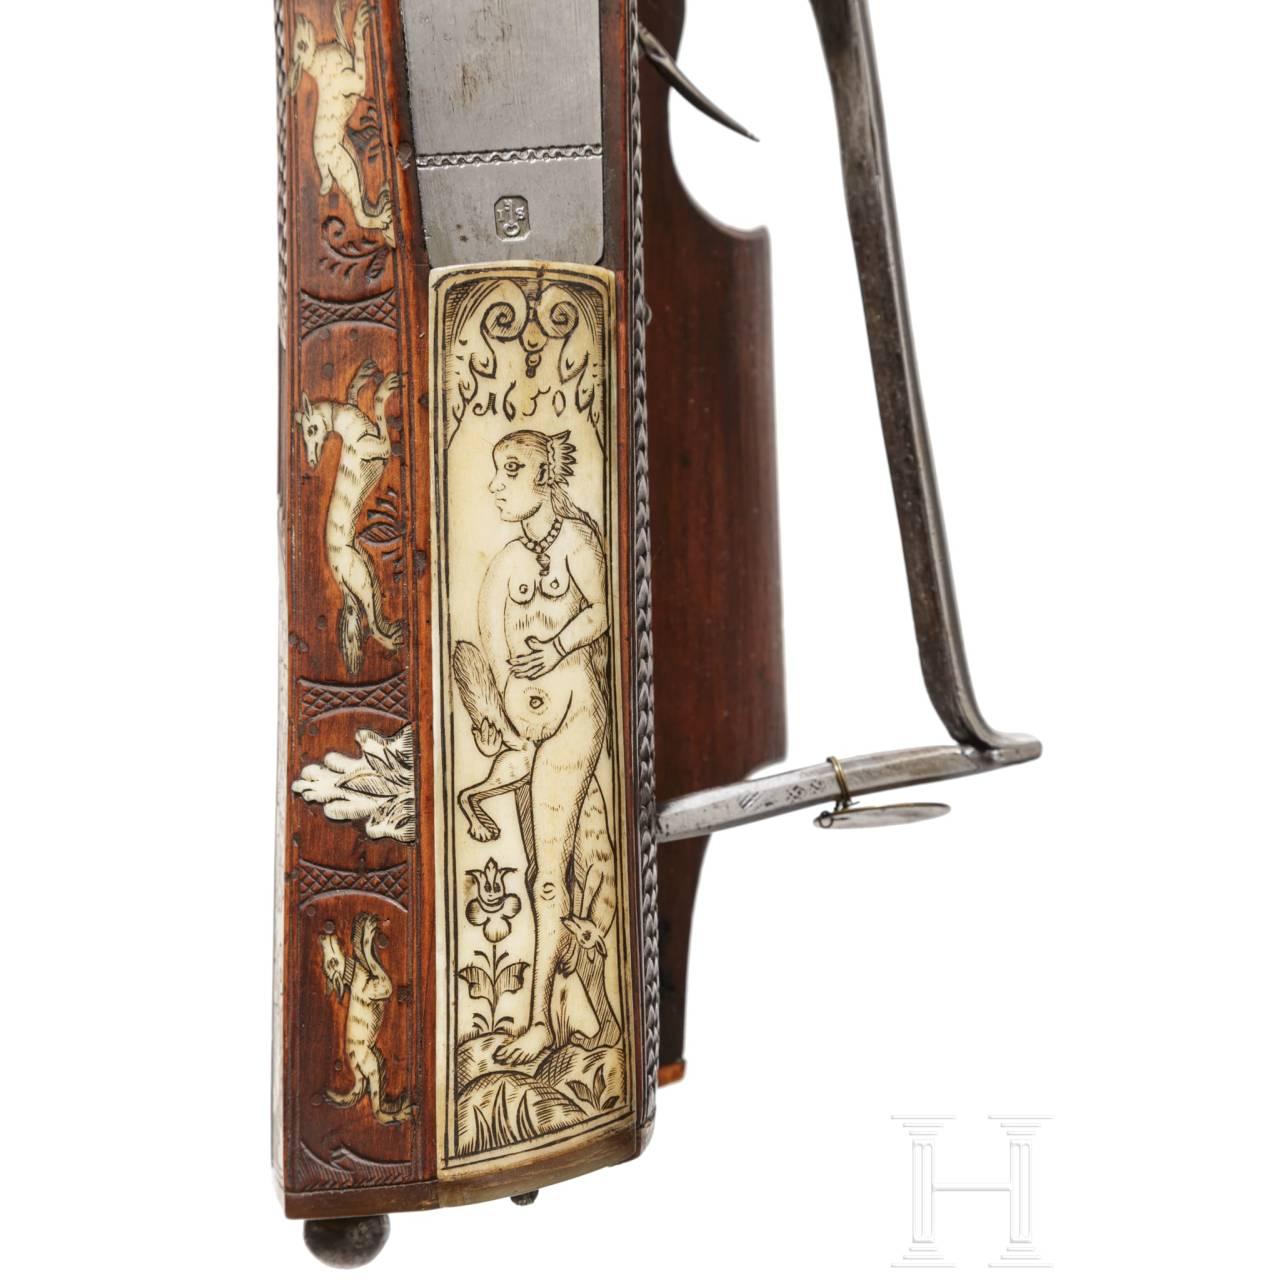 Radschlossbüchse aus der Gewehrkammer der Fürsten von Salm-Reifferscheidt, süddeutsch, datiert 1649